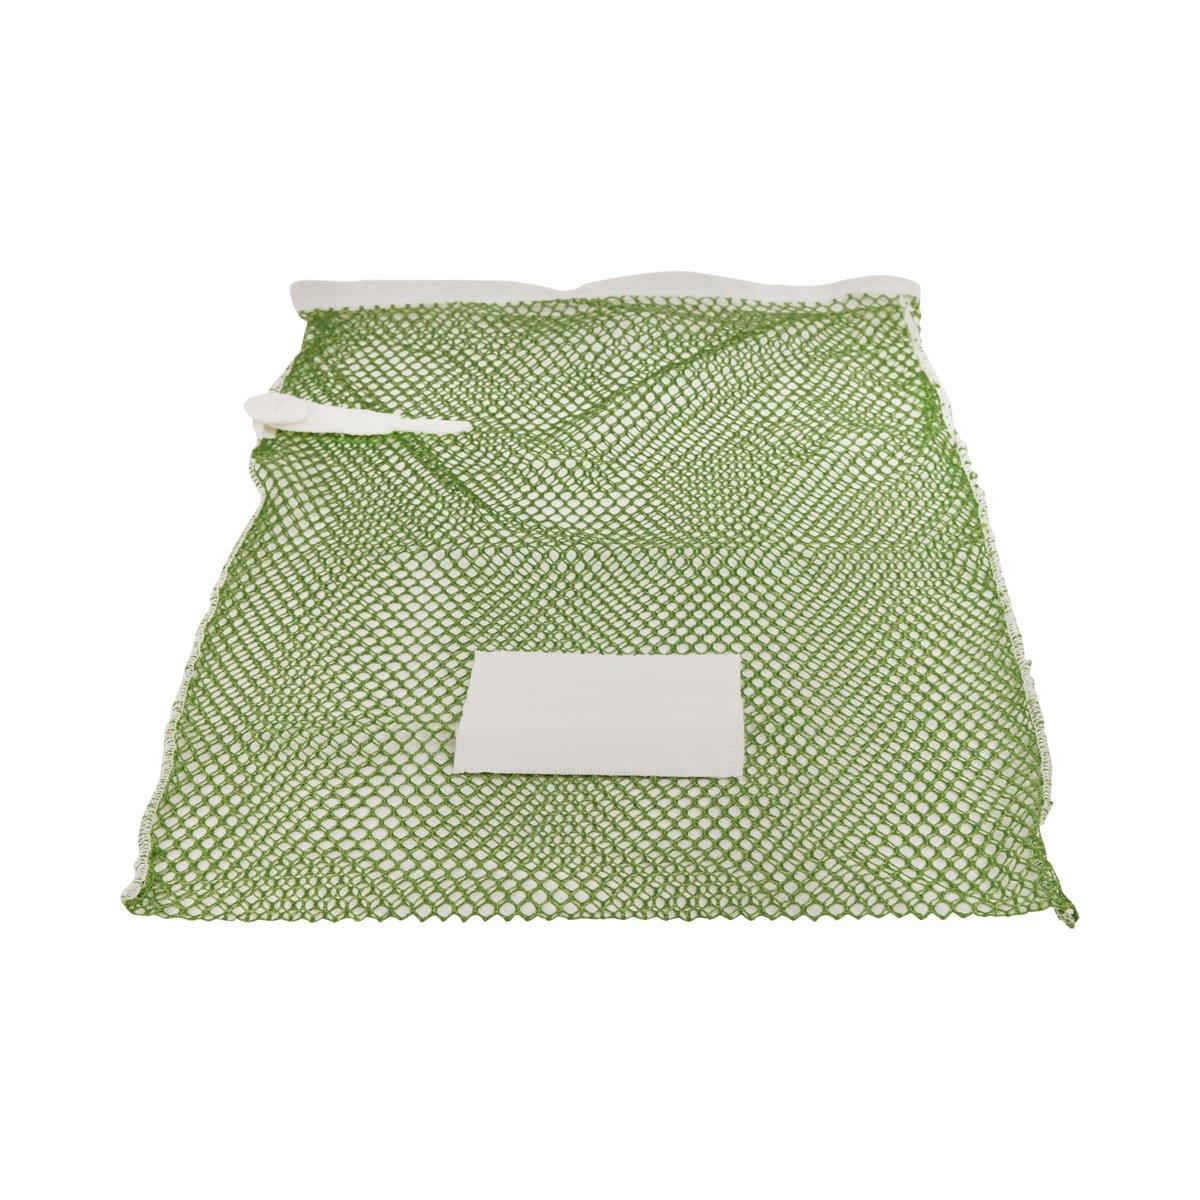 Premium wasnet 40x60 cm - Met knoopsluiting - Groen kopen